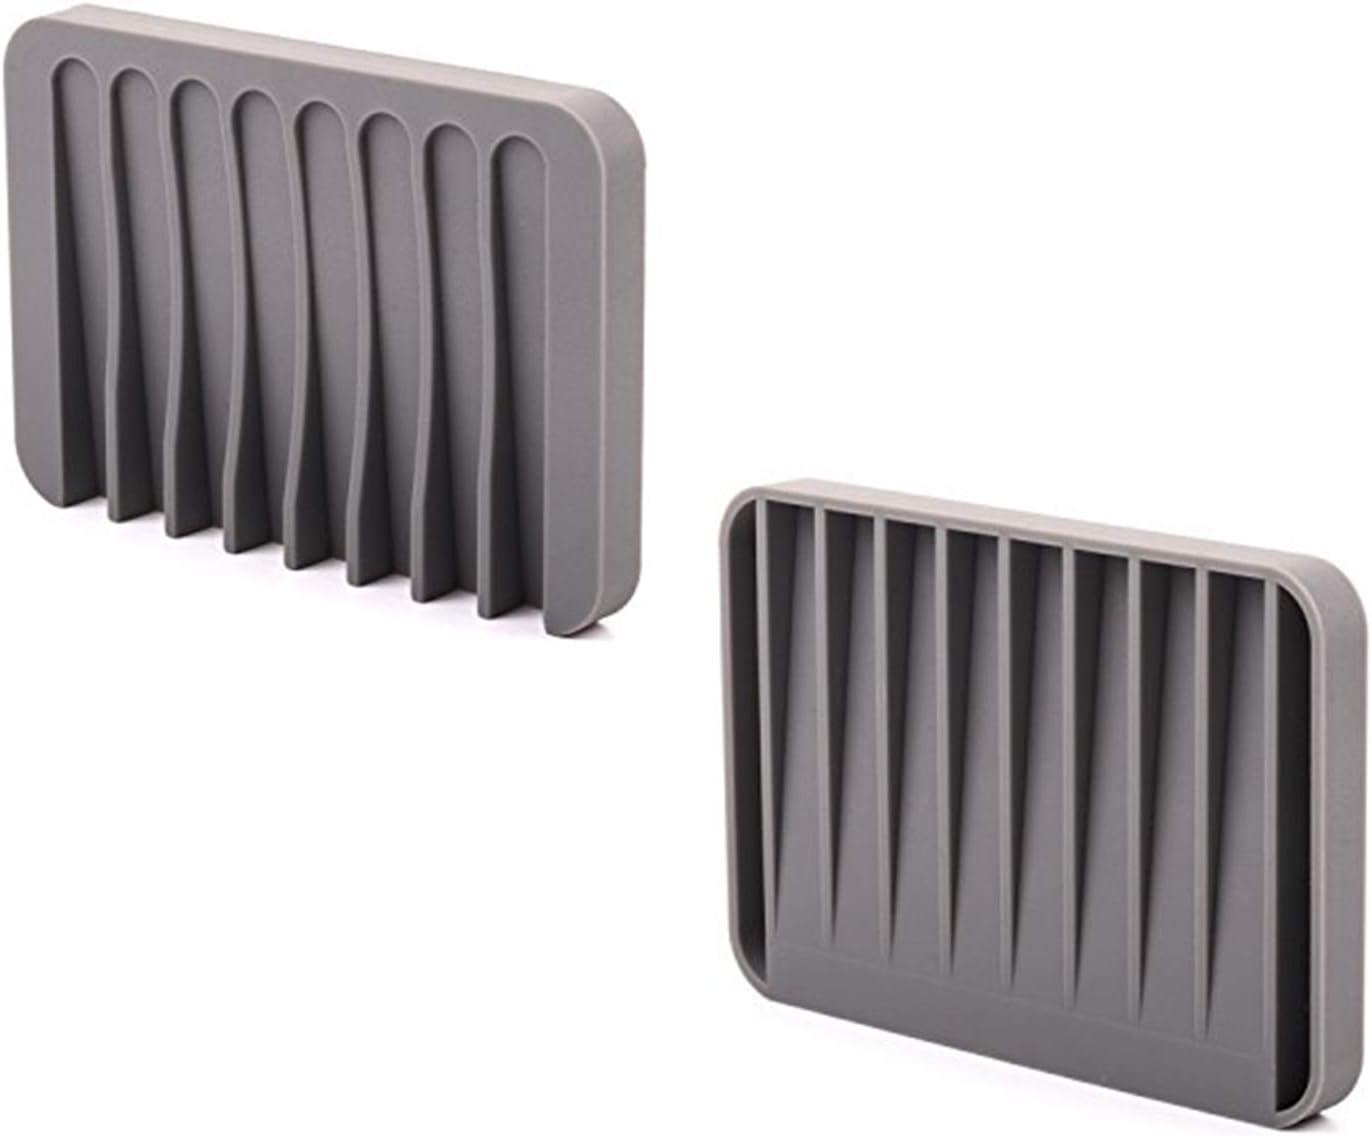 ComSaf Silikon Seifenschale mit Ablauf Blau 3er-Set Selbstleerende Seifenablage Seifenhalter Schwammhalter f/ür Dusche//Badezimmer//K/üche